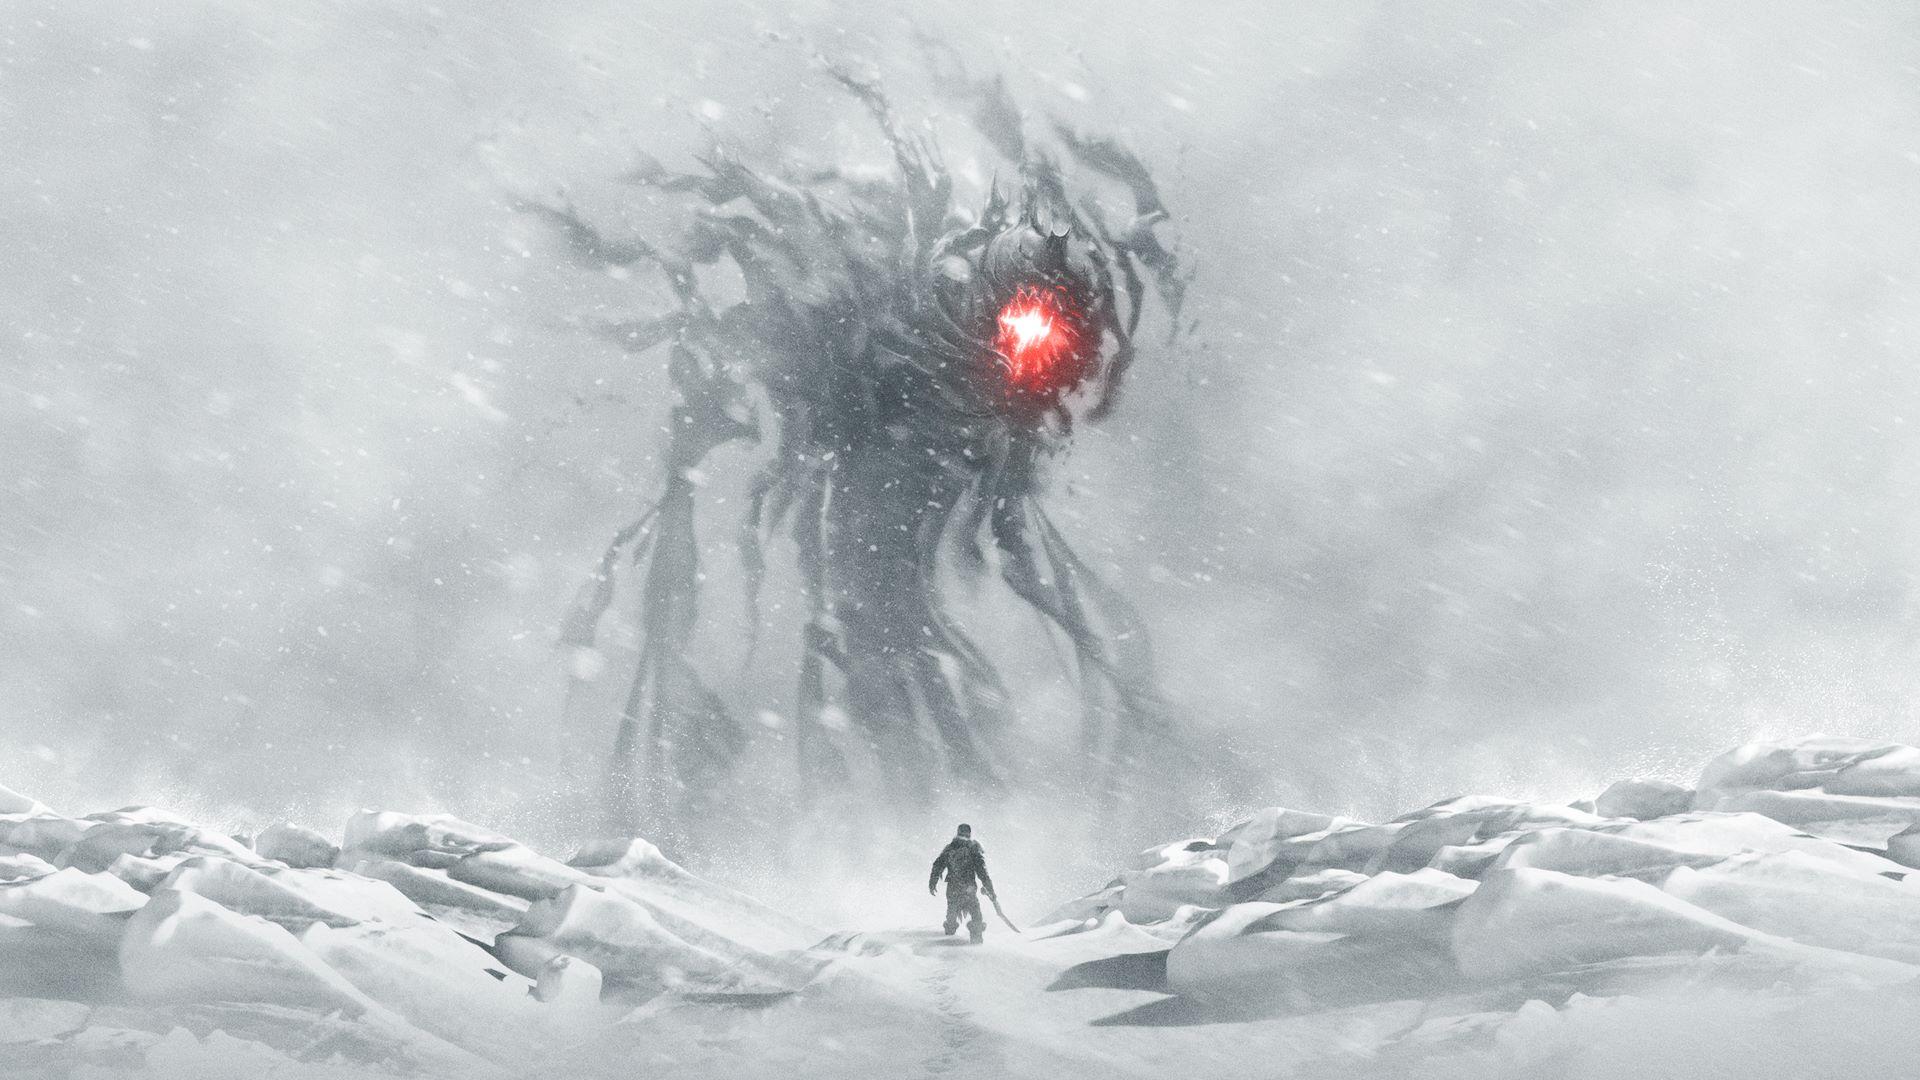 Recensione Fade to Silence: sopravvivere al gelido inverno thumbnail